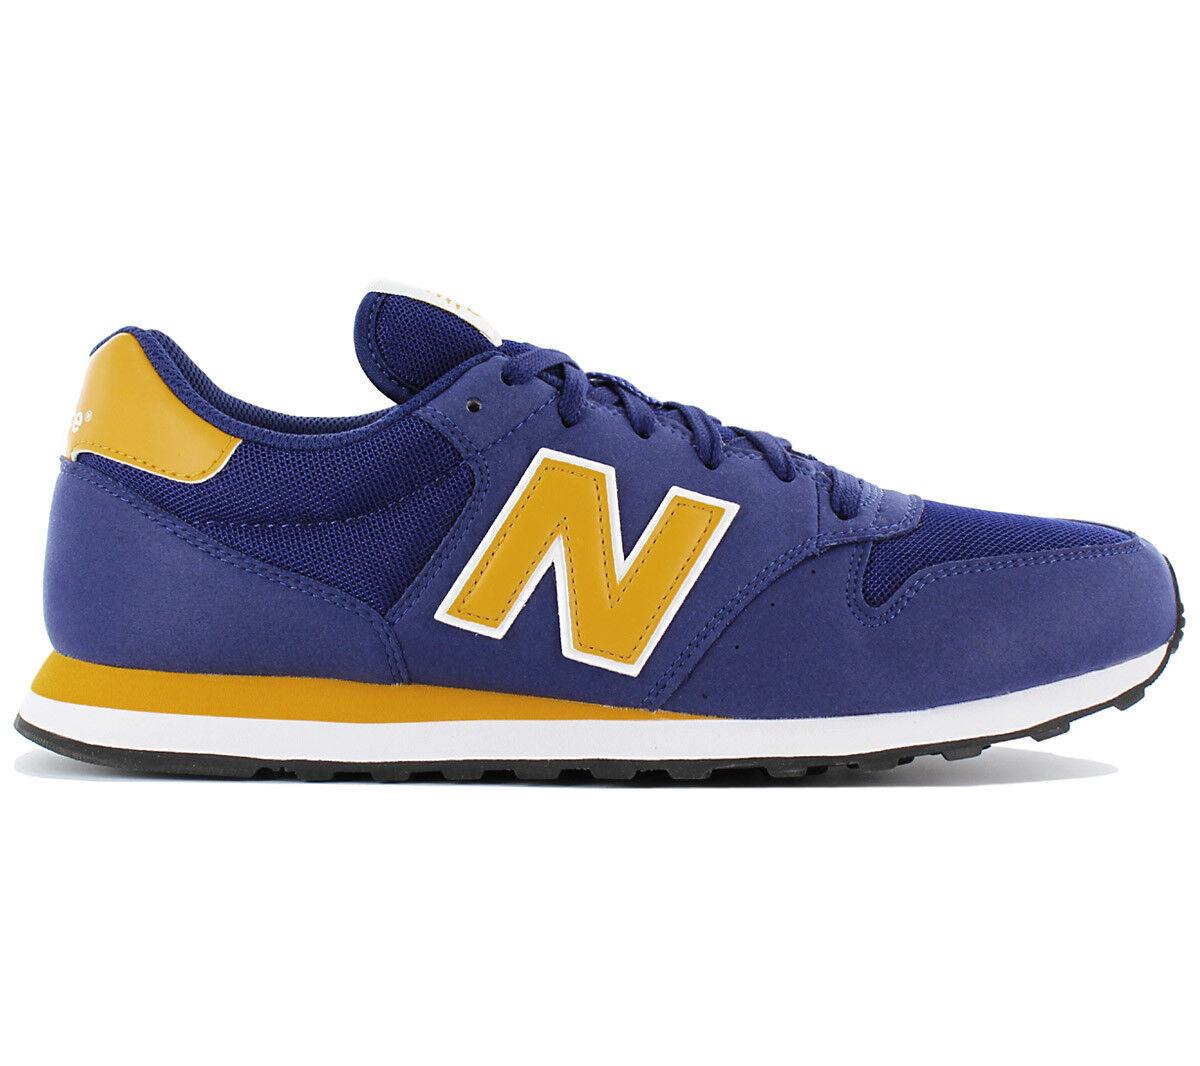 New Balance Classics 500 baskets Chaussures Hommes Bleu Chaussures De Sport gm500rby gm500